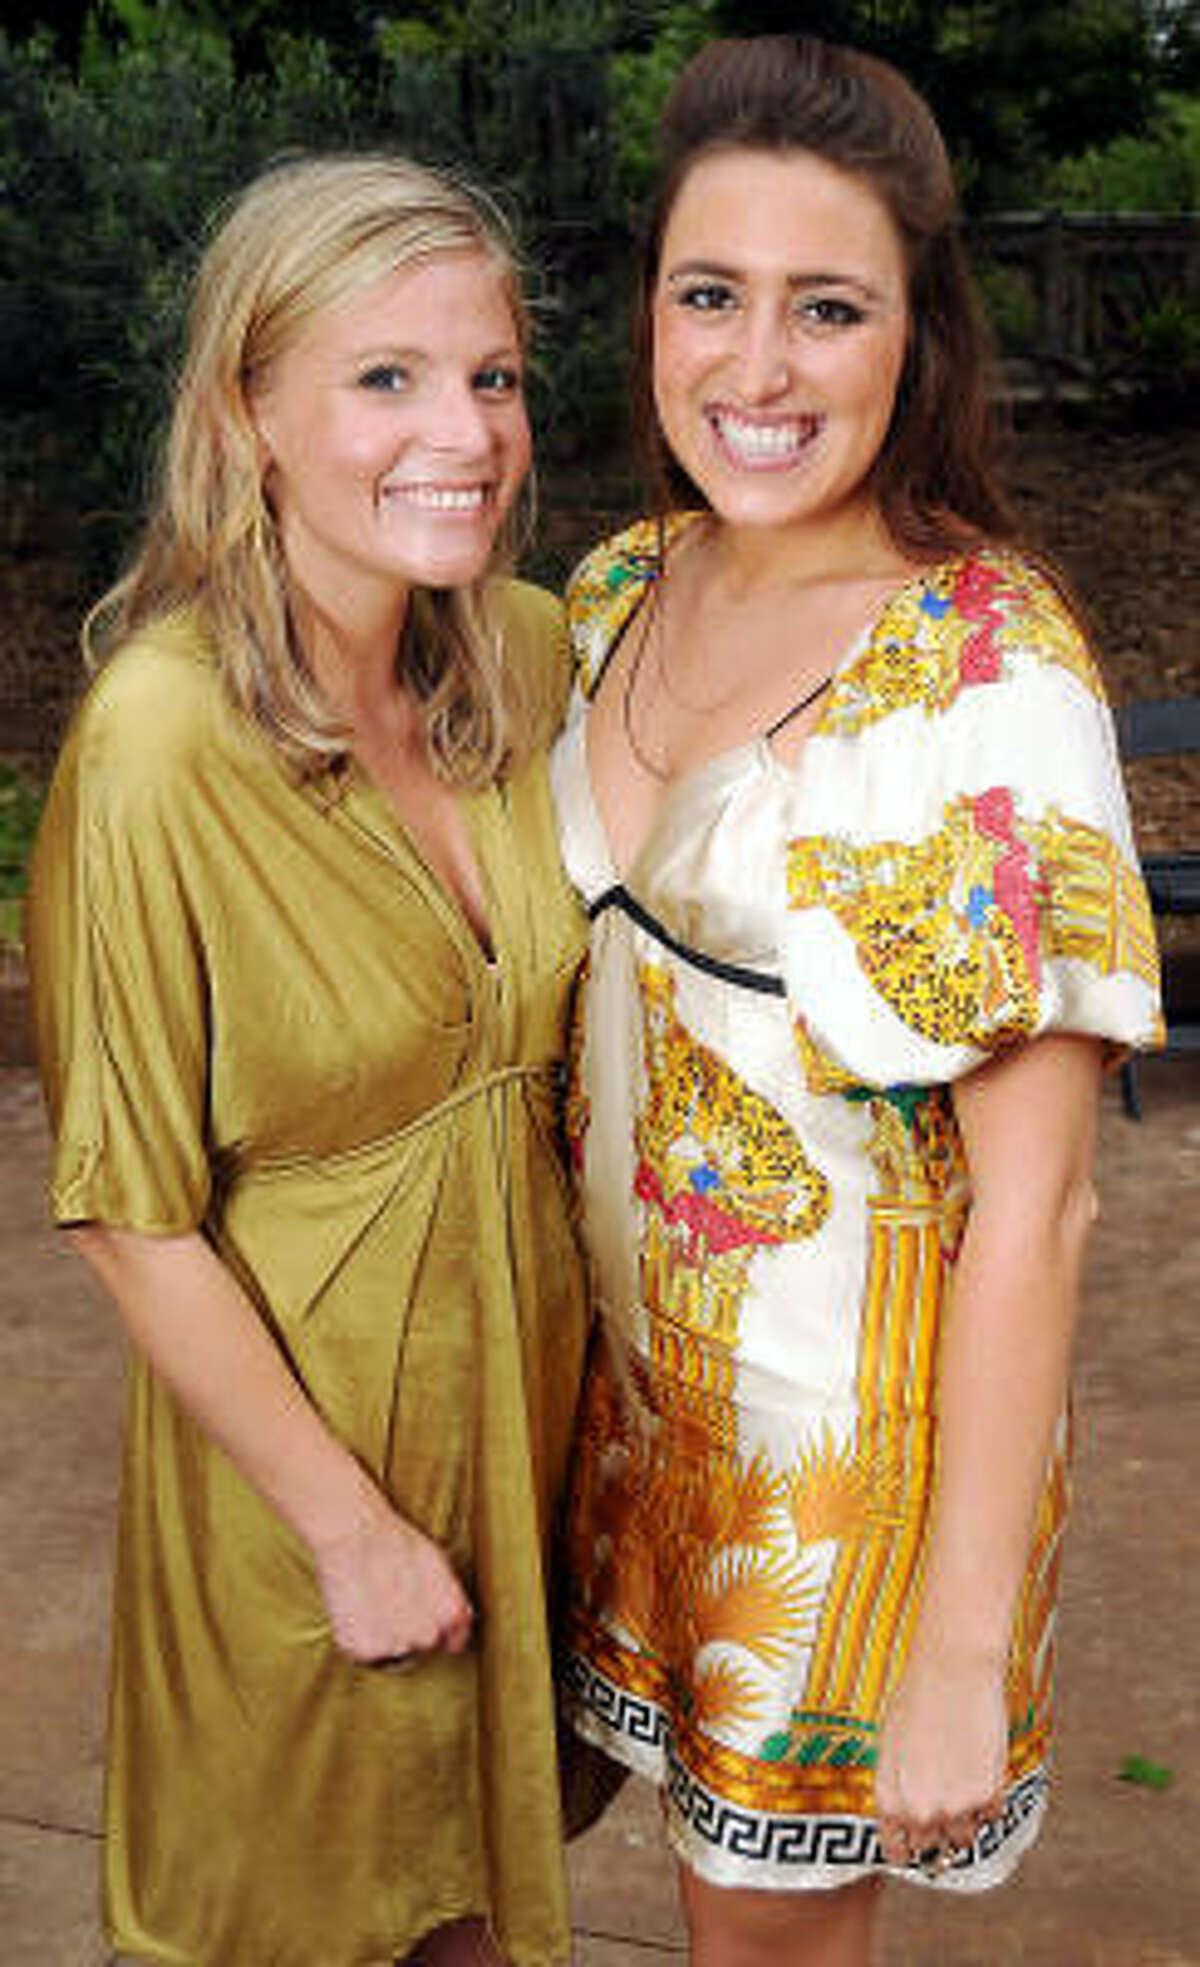 Amanda Burke and Linda Gardner